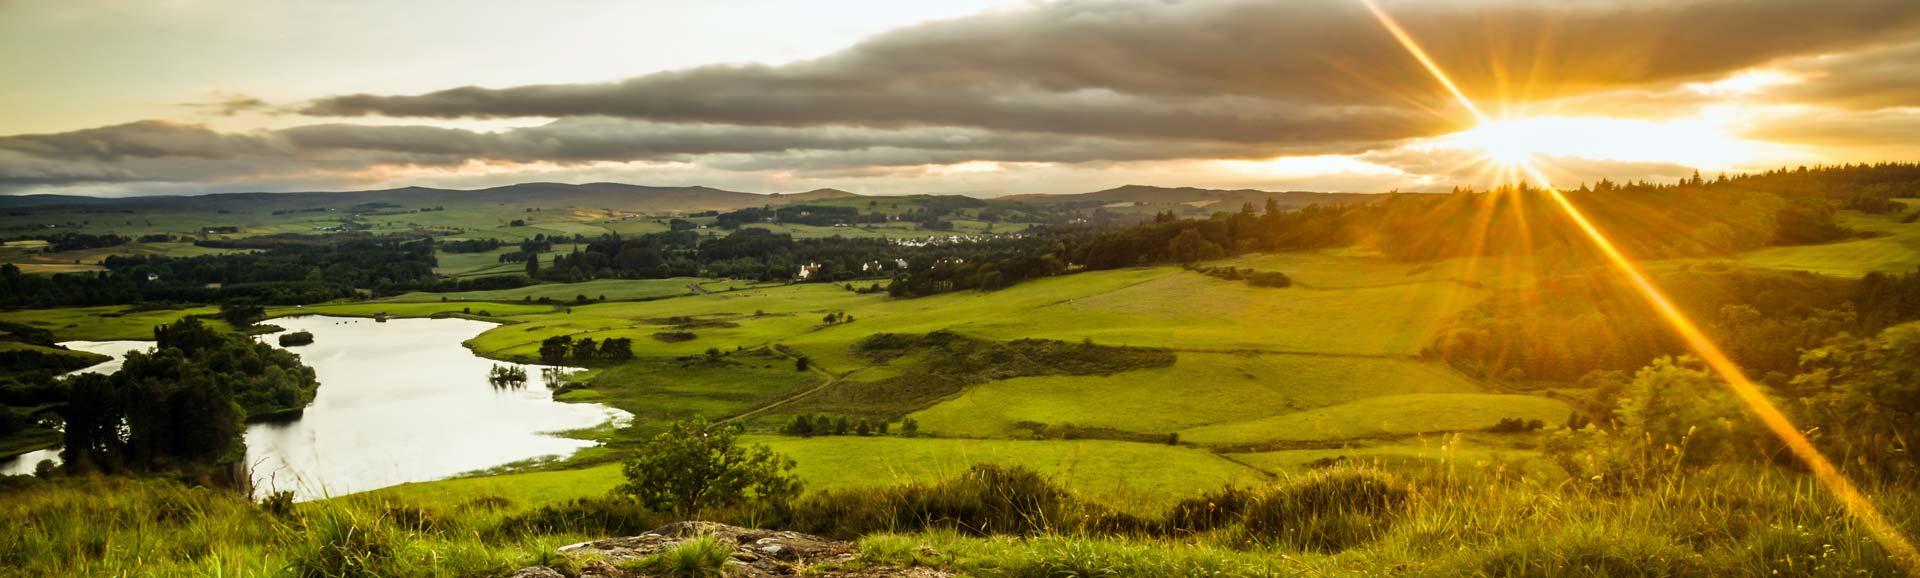 Sonnenuntergang auf der schottischen Insel Islay - Whiskywelt.net